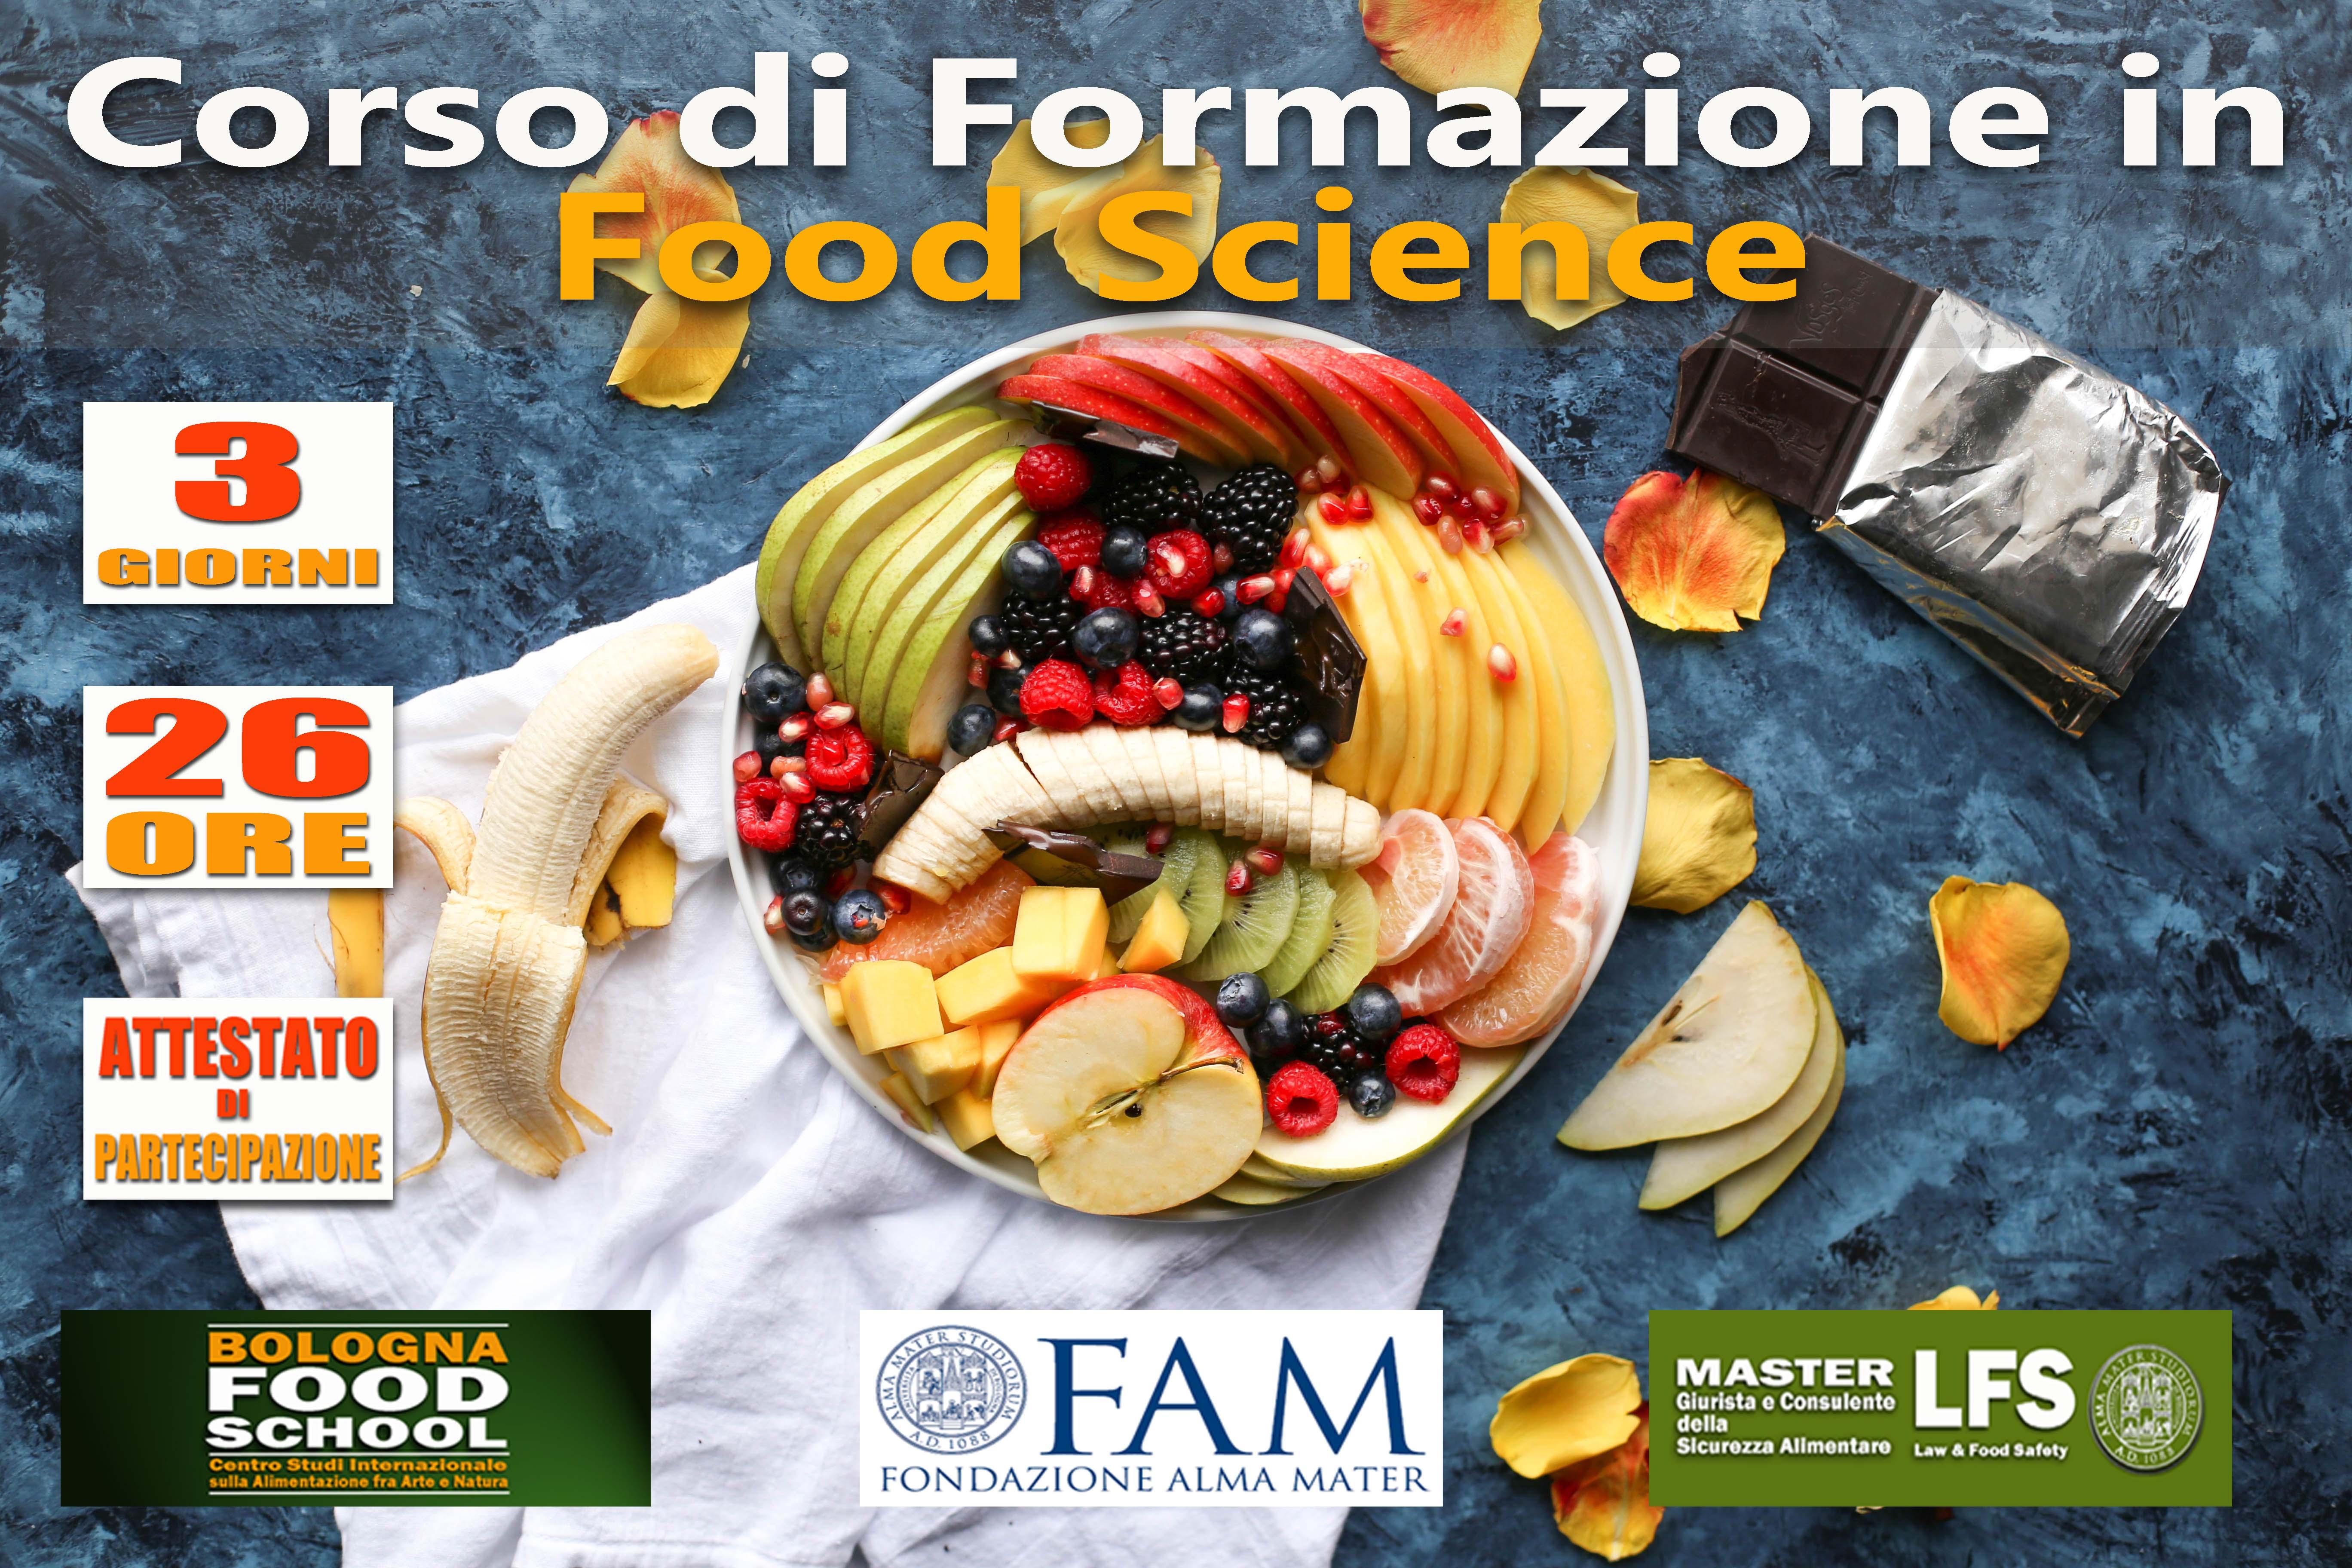 CORSO DI FORMAZIONE IN FOOD SCIENCE - ATTIVITA' INTEGRATIVA DEL MASTER - 15-16-17 GIUGNO 2018